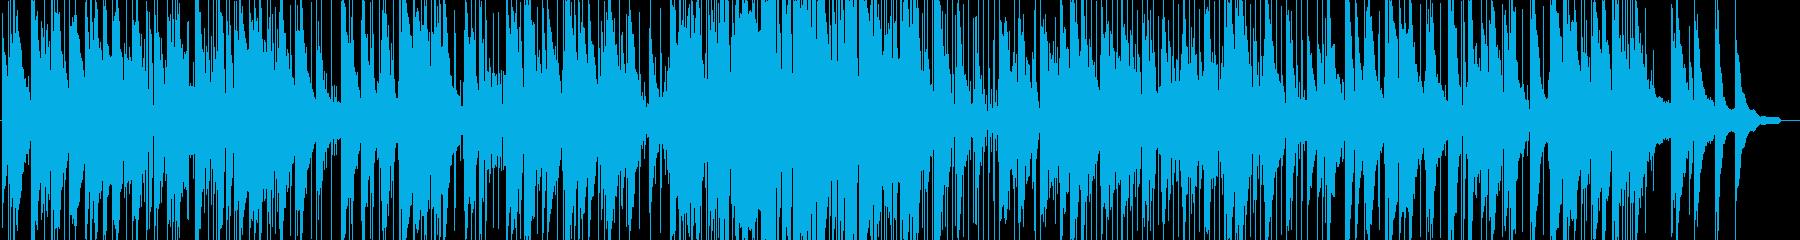 ゆったりとしたピアノトリオ(オリジナル)の再生済みの波形